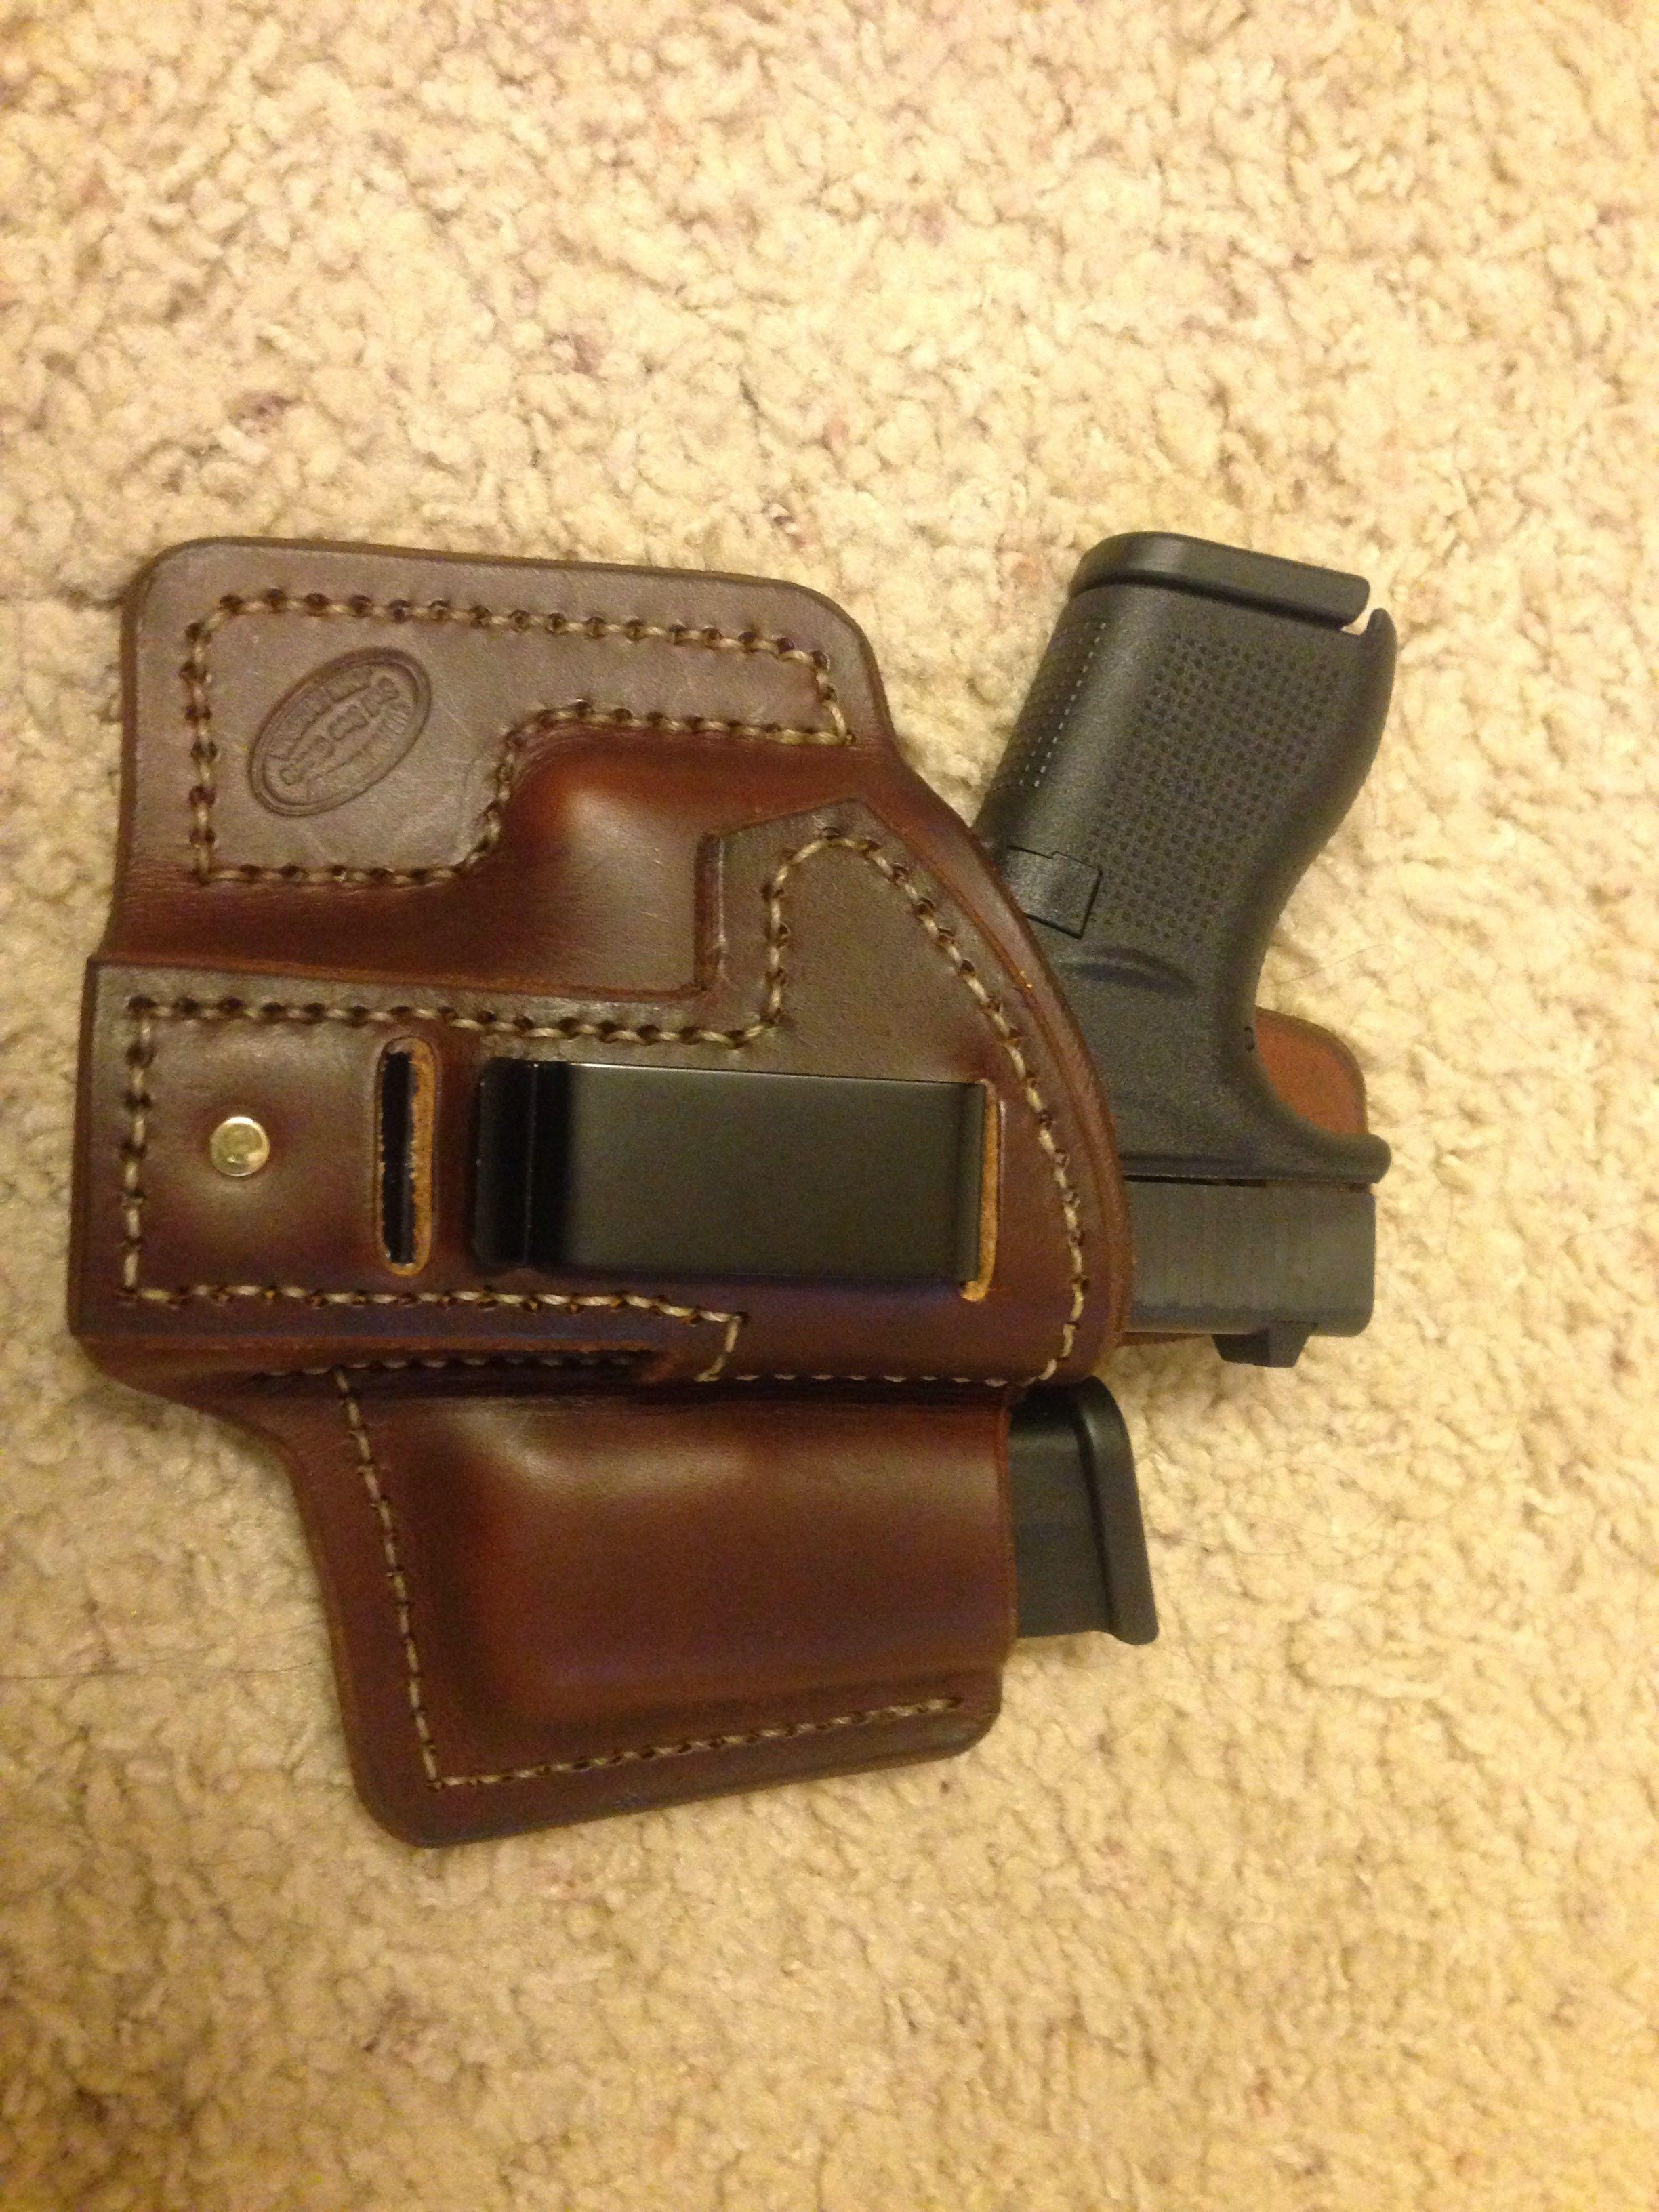 Iwb Glock 42 - Jackson LeatherWork, LLC Find our speedloader now! www.raeind